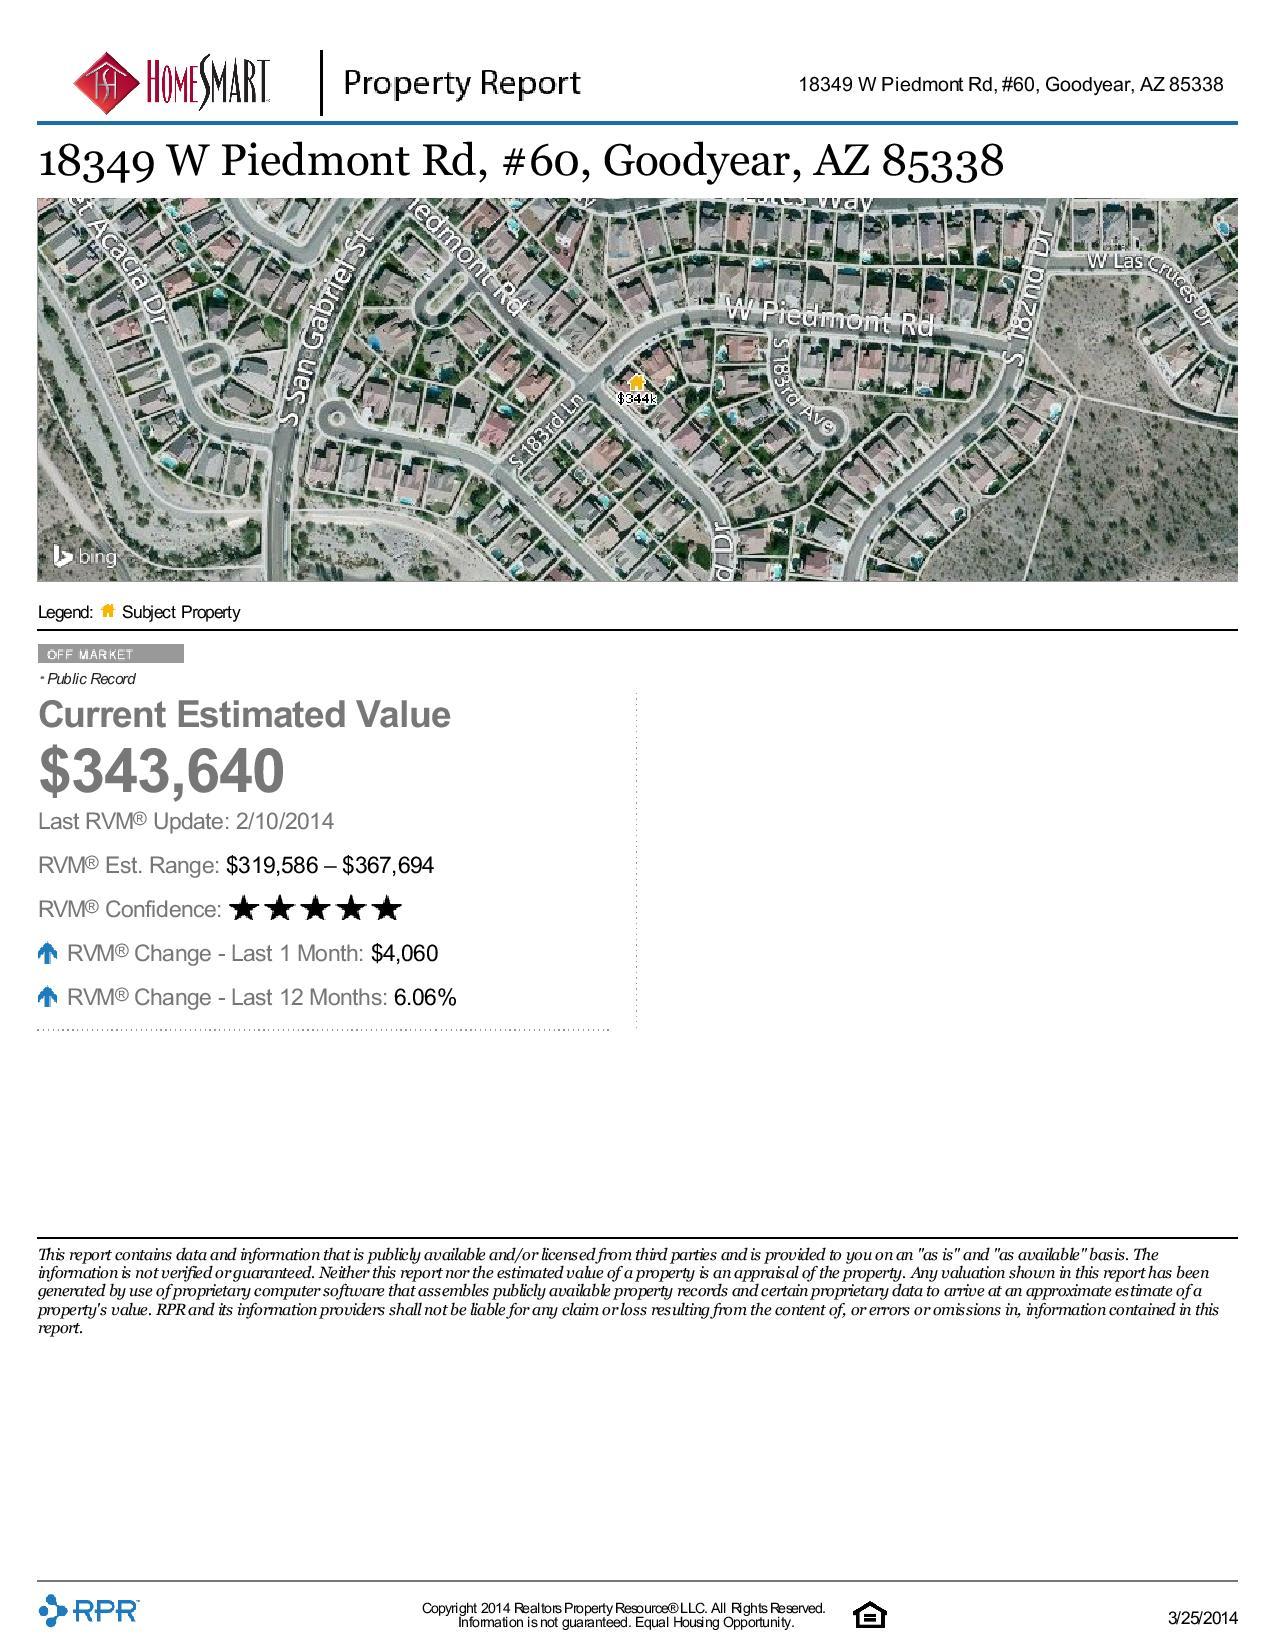 18349-W-Piedmont-Rd-#60-Goodyear-AZ-85338-page-002